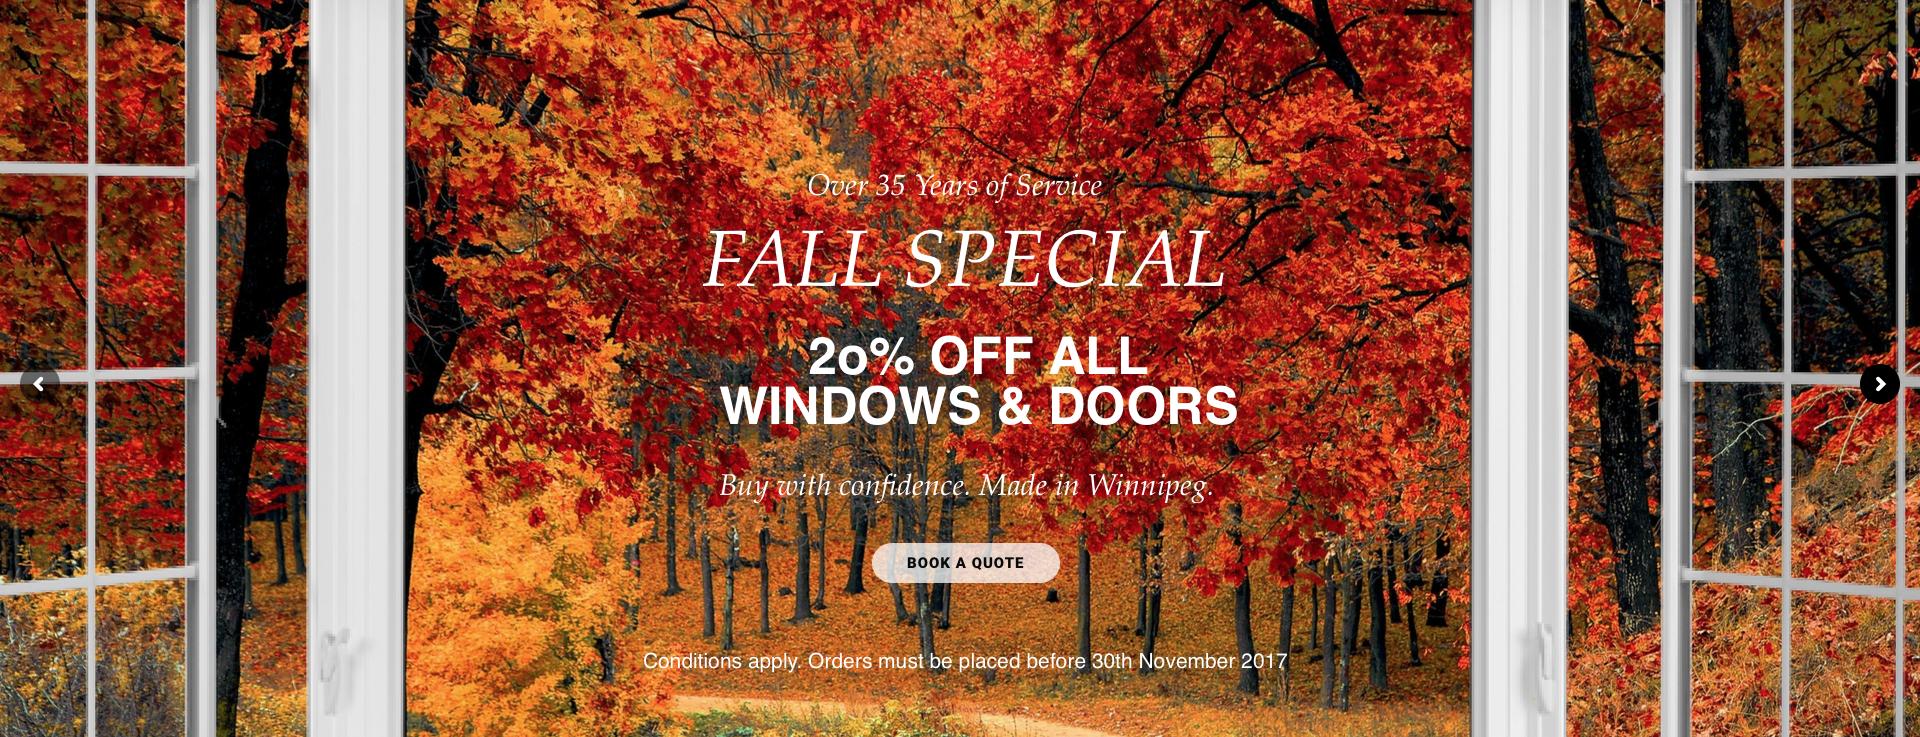 Fall Window & Door Special